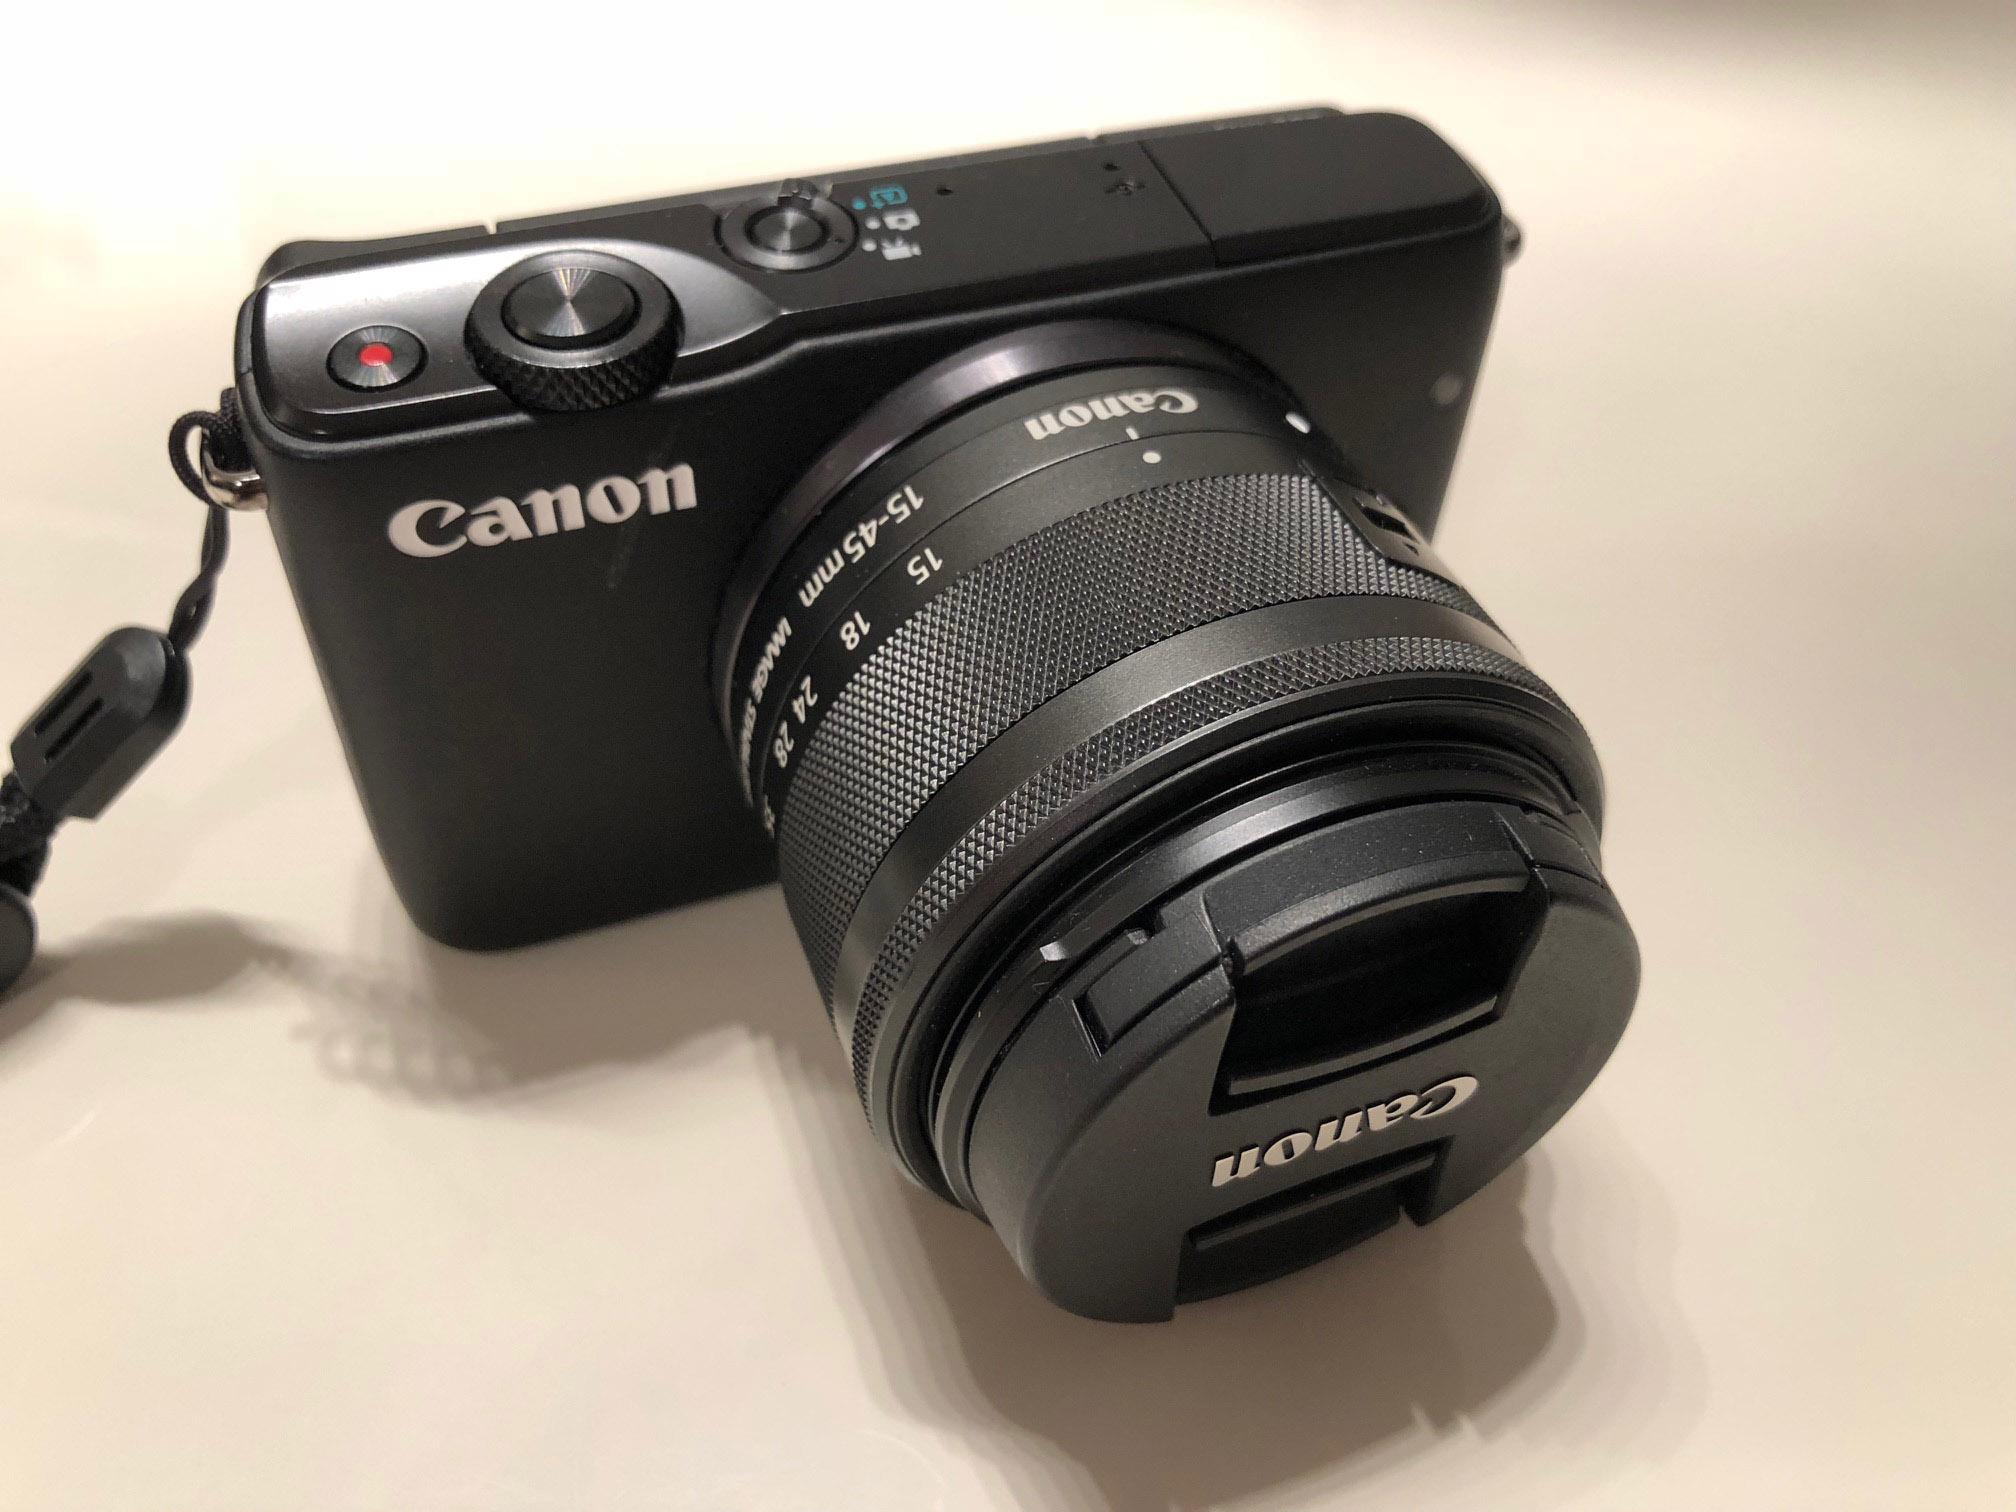 canon-m10-aynasiz-fotograf-makinesi-yorum-izlenim